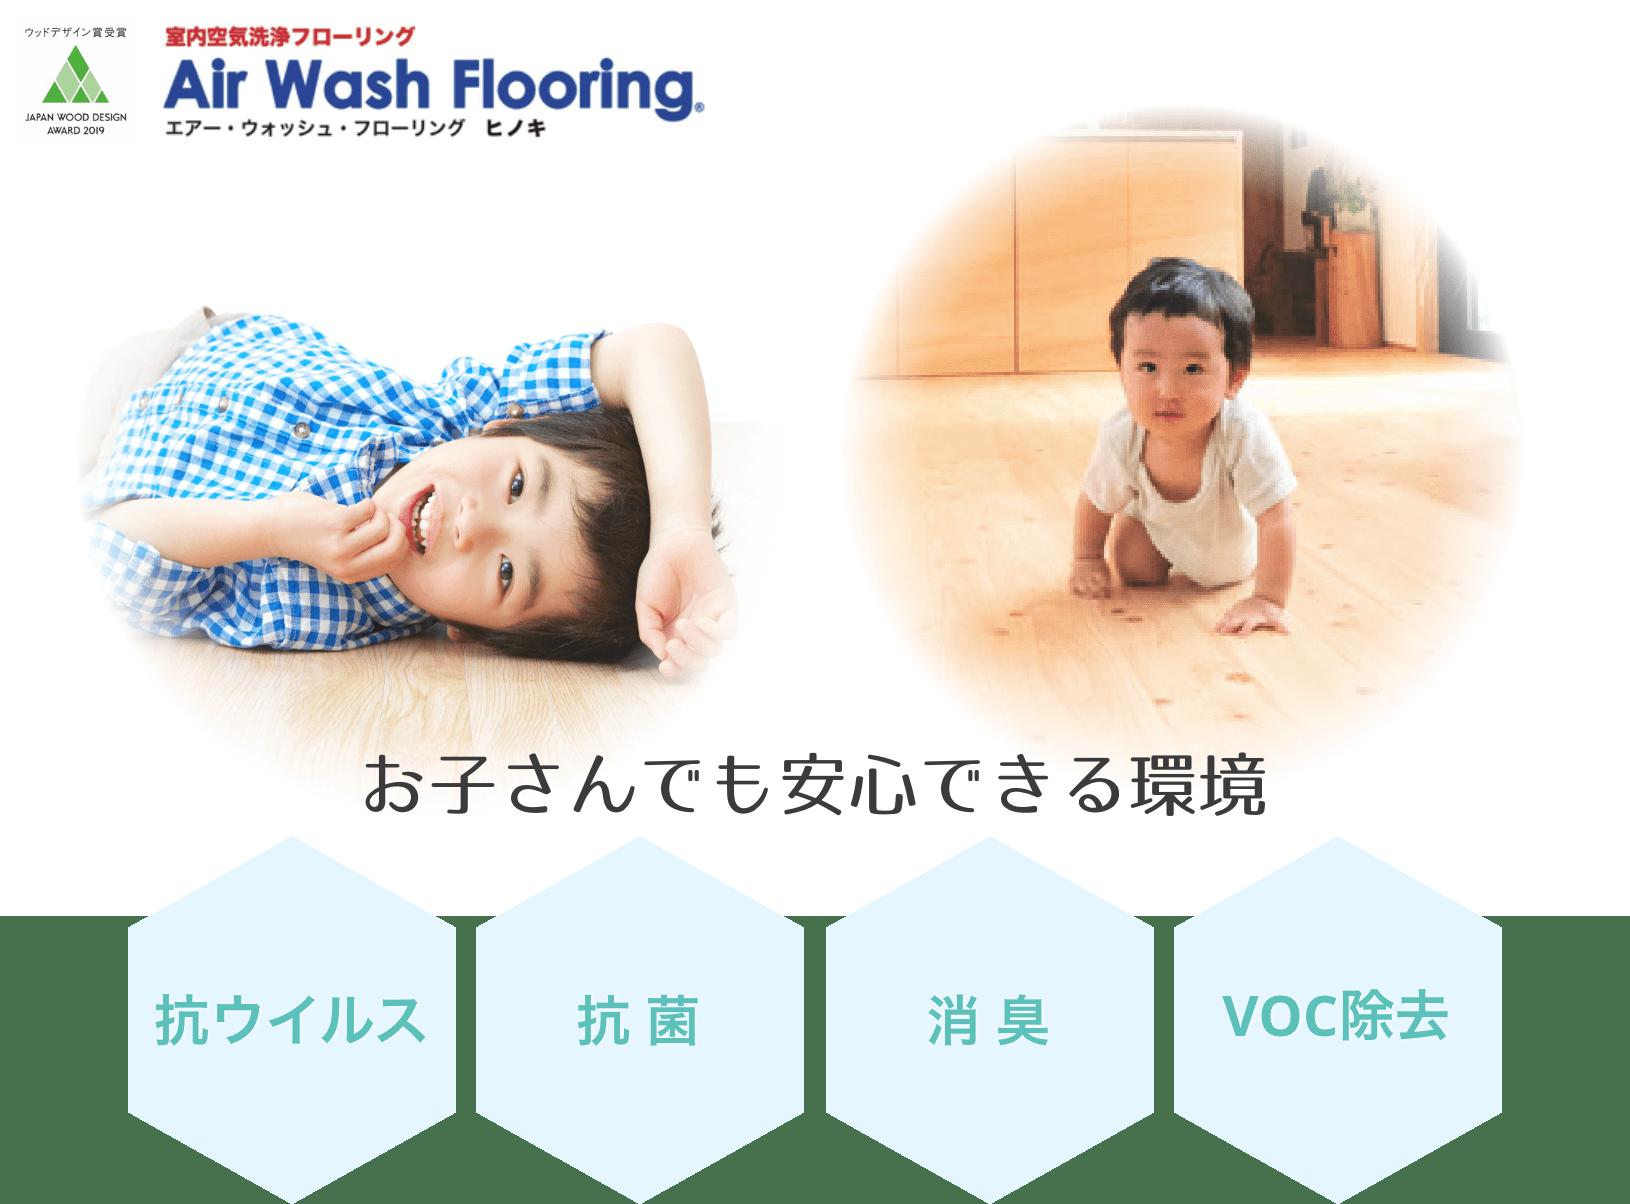 イメージ画像:抗ウイルス・抗菌・消臭・VOC除去で赤ちゃんのハイハイも安心